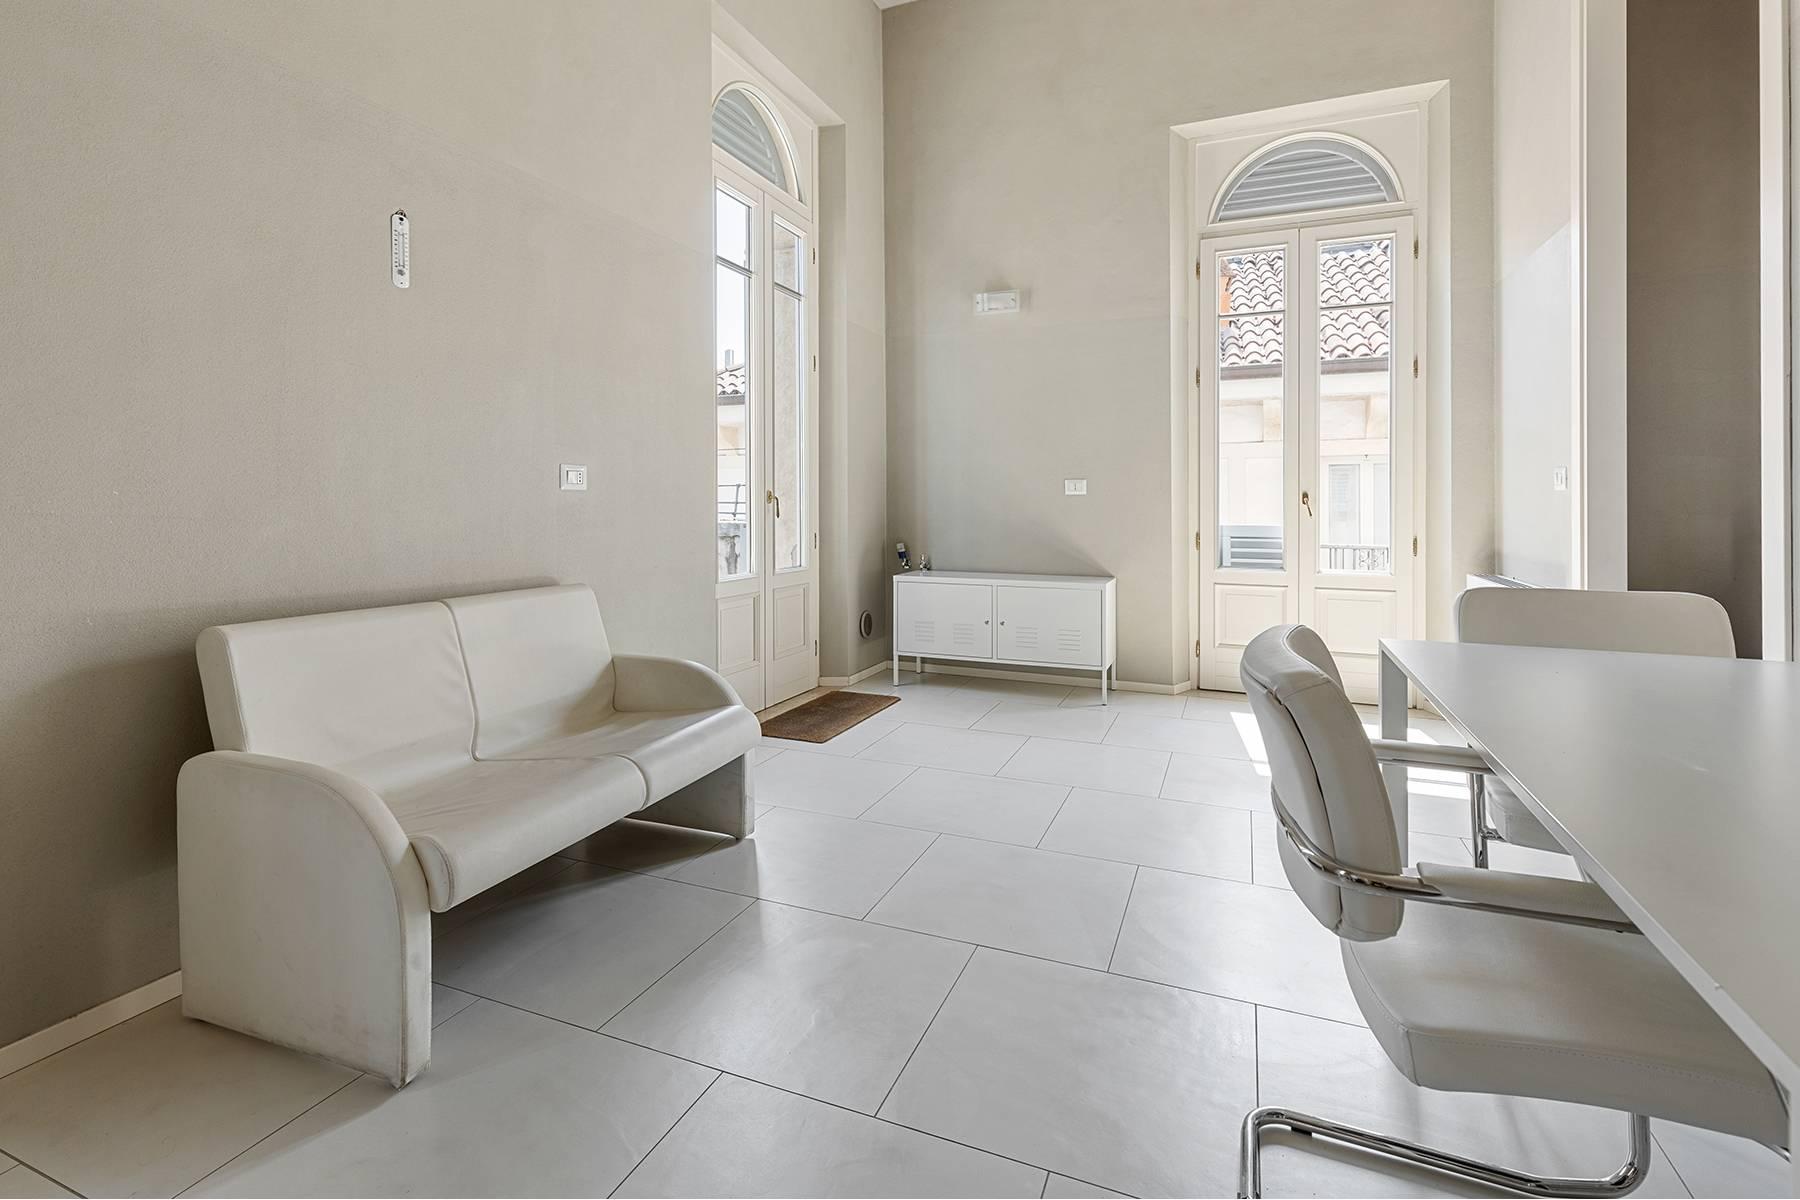 Appartamento in Vendita a Verona: 5 locali, 615 mq - Foto 13